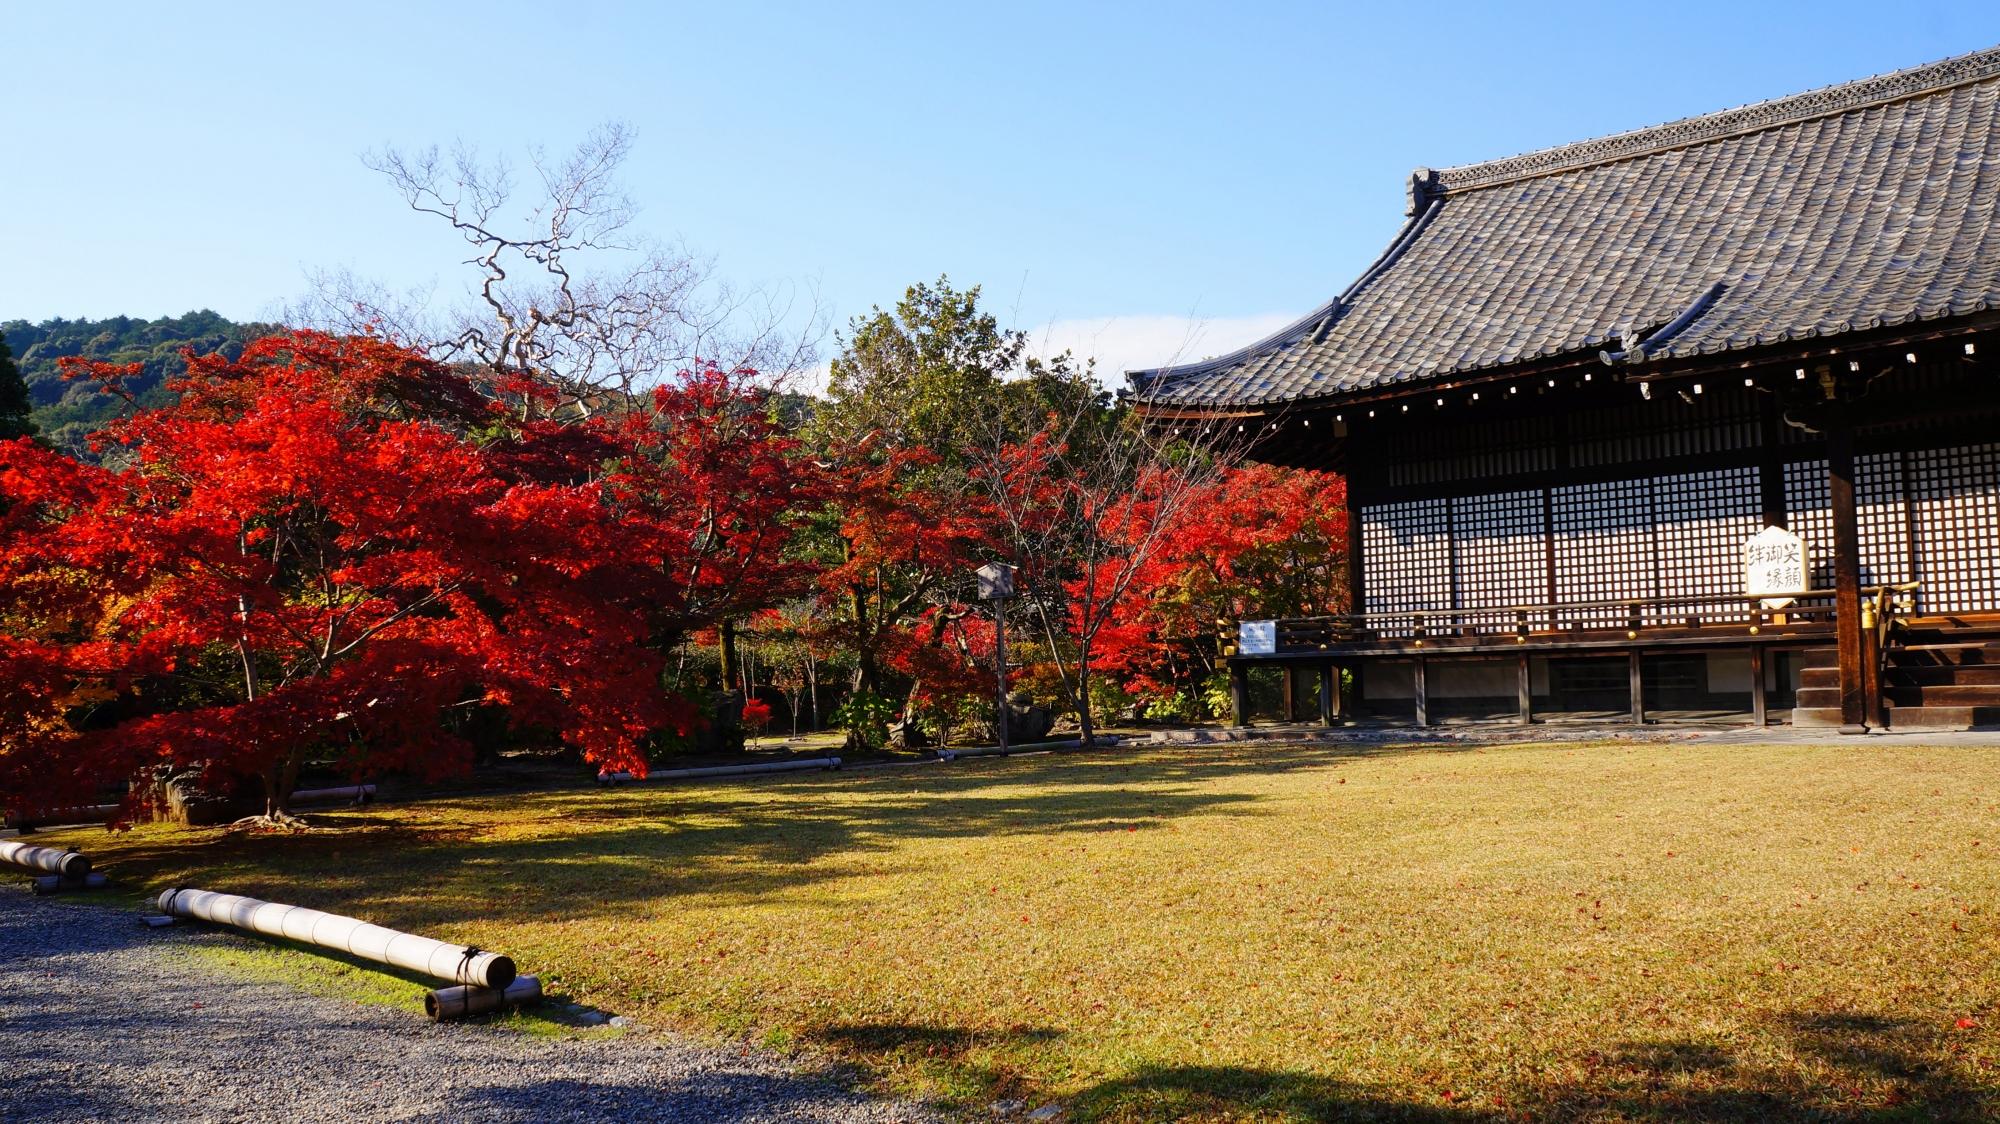 宸殿と境内を彩る見事な紅葉